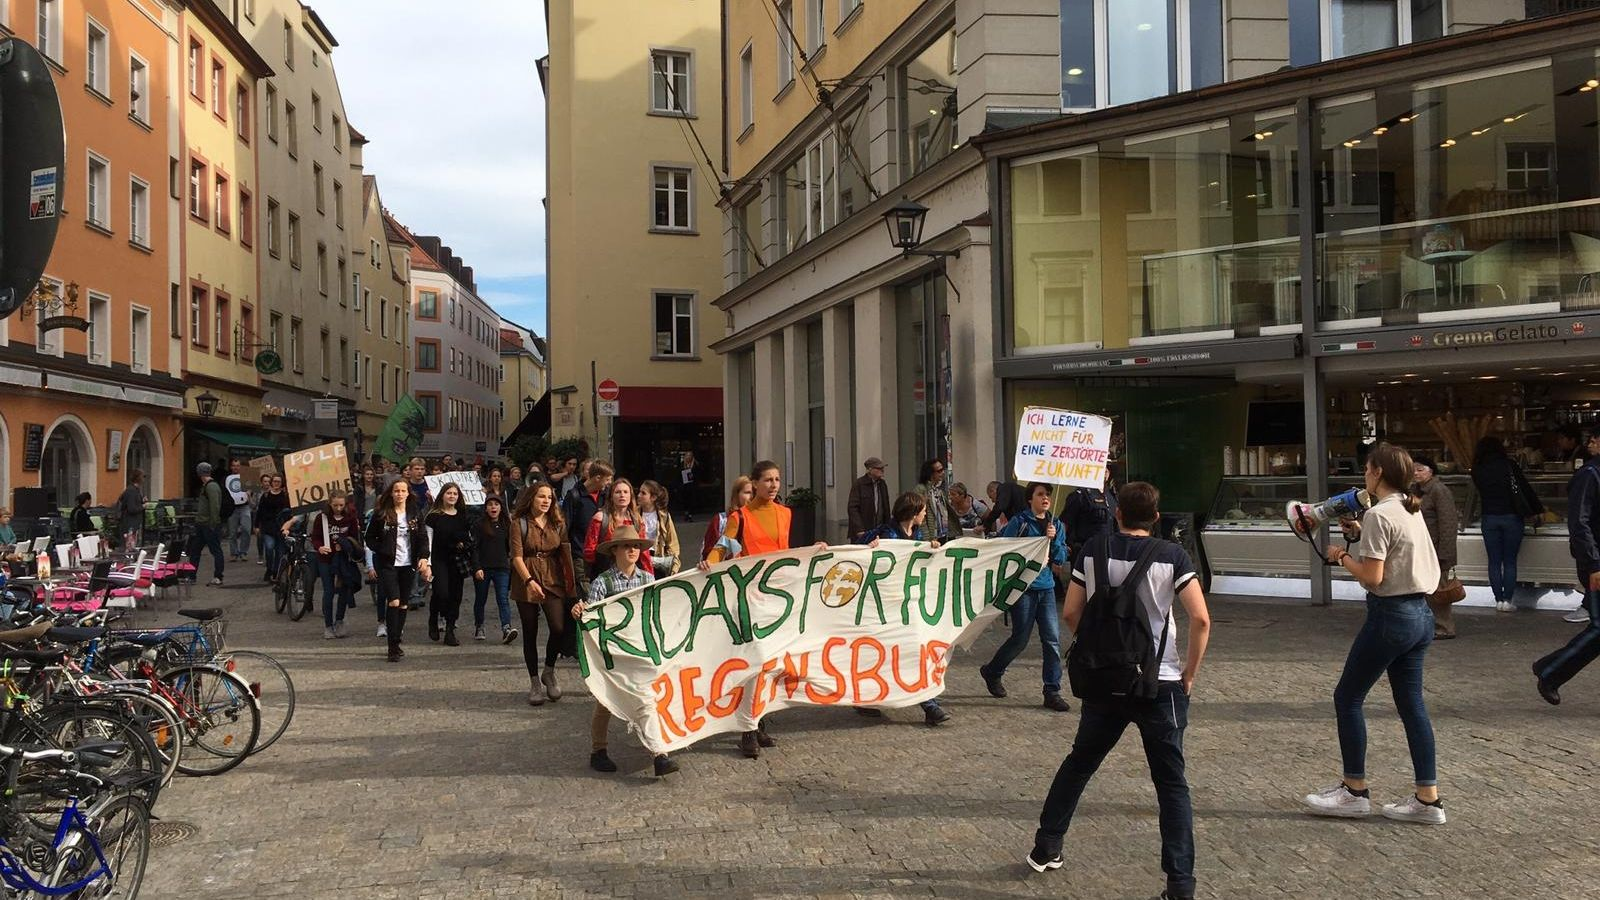 Die Klima-Schutz-Demo zog mit rund 250 Teilnehmern durch die Regensburger Altstadt